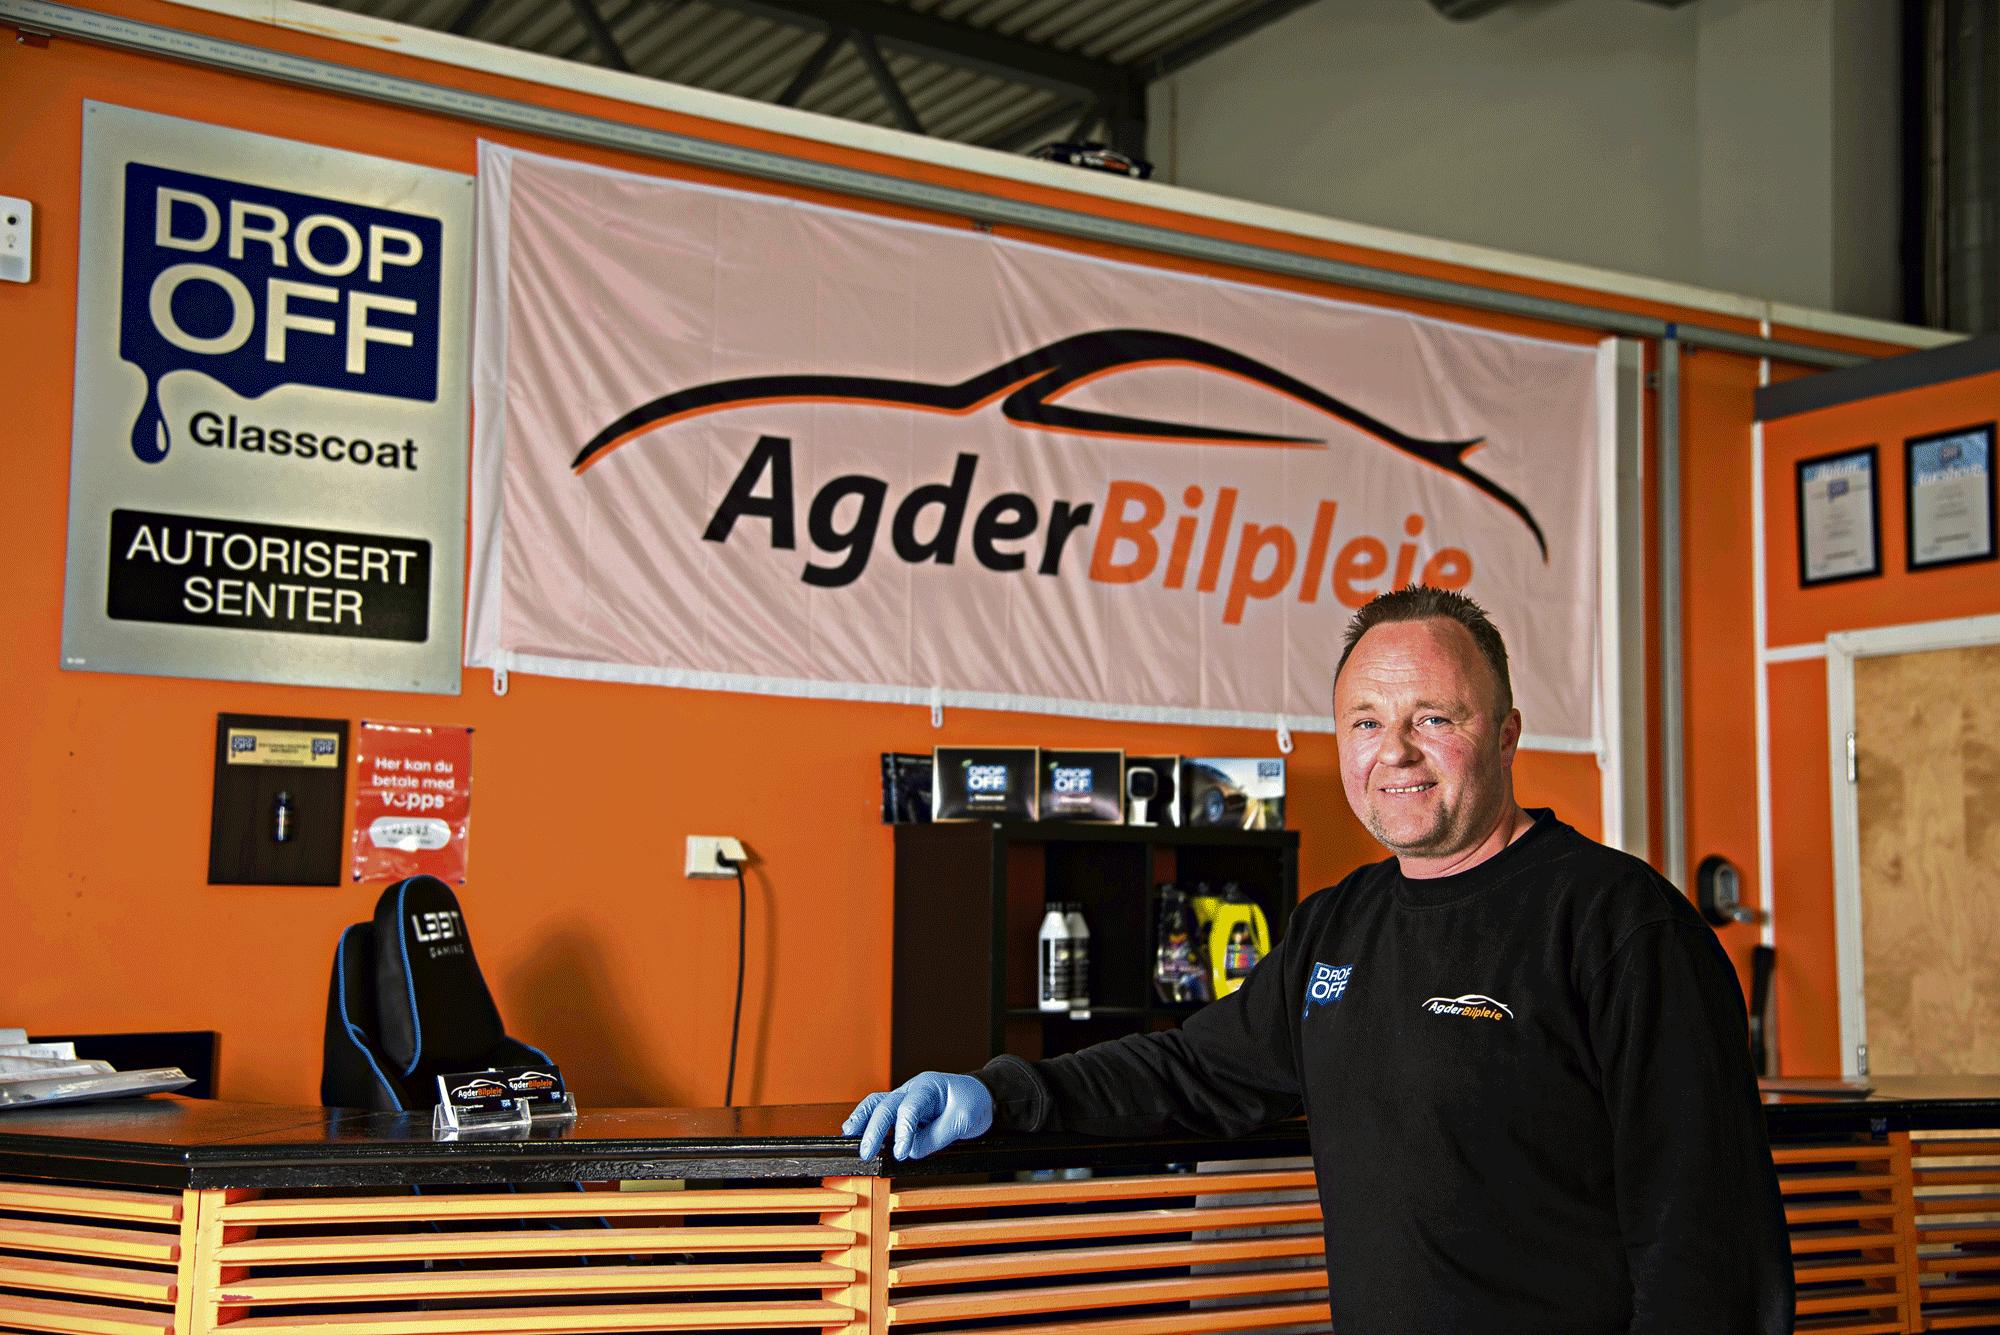 AUTORISERT: Agder Bilpleie Er En Av 60 Forhandlere I Norge Som Bruker DropOff Glasscoat For å Beskytte Lakken På Bilene.